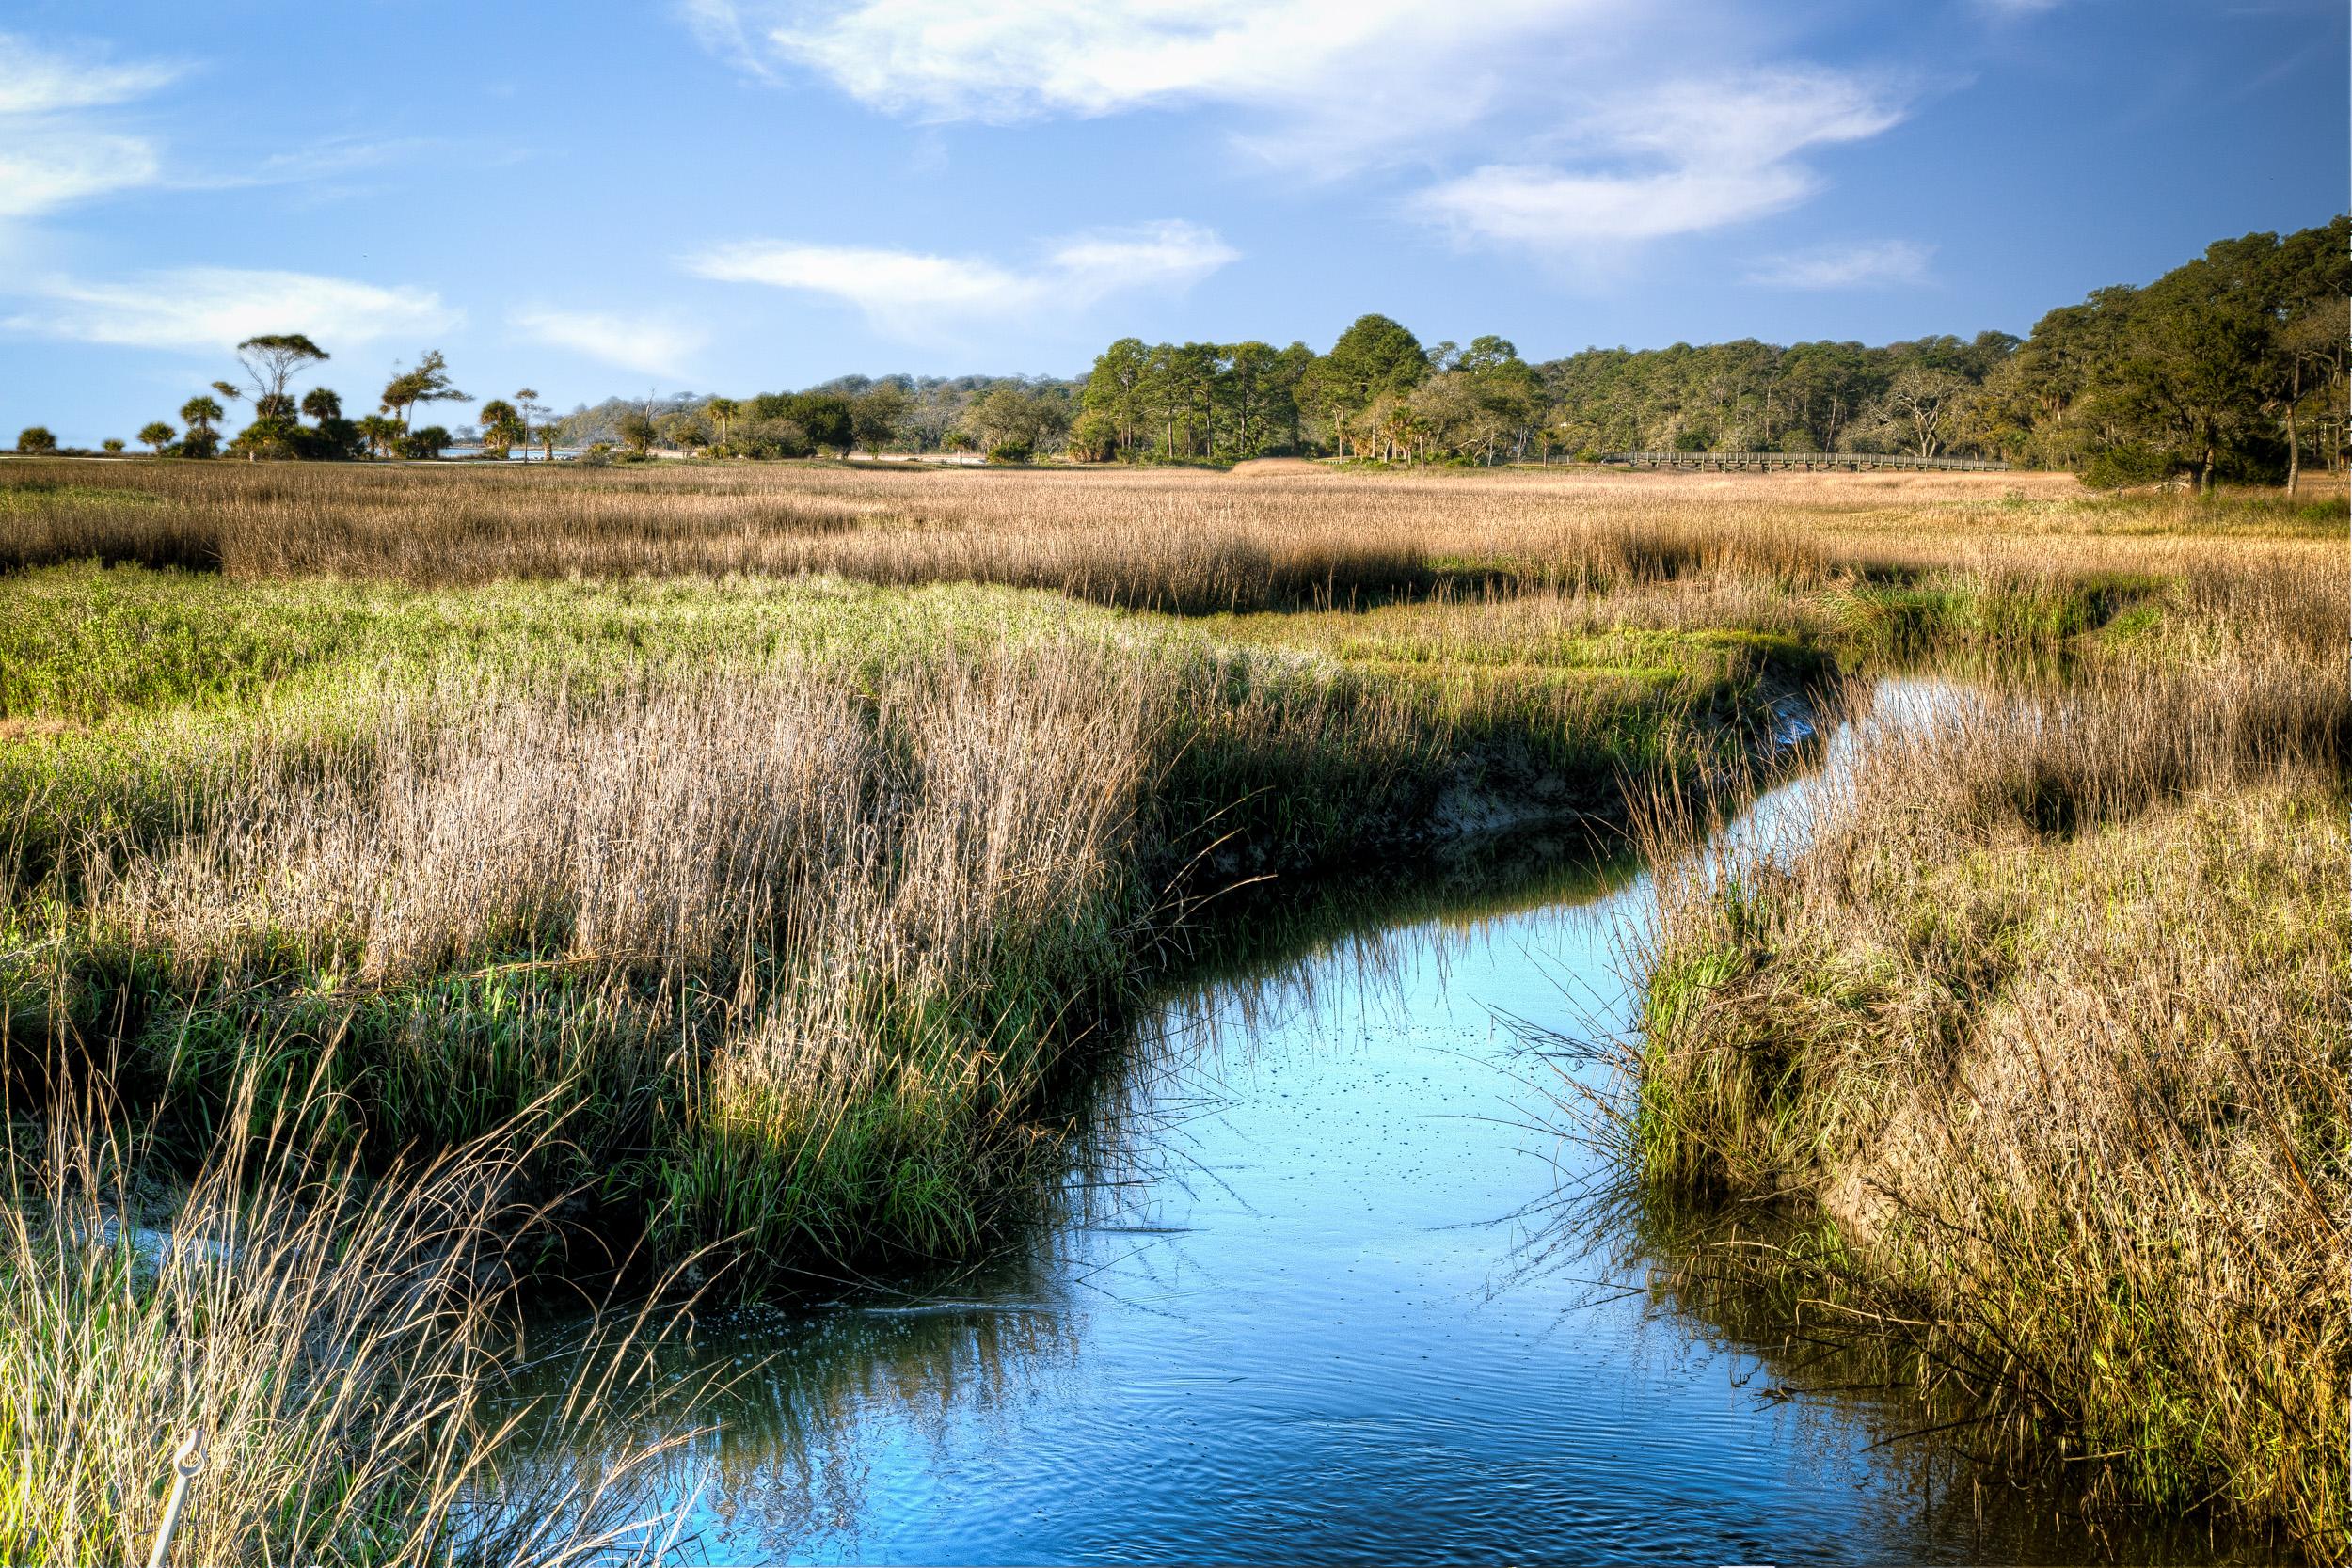 ocean-marsh-waterway-B&W-22x27.jpg